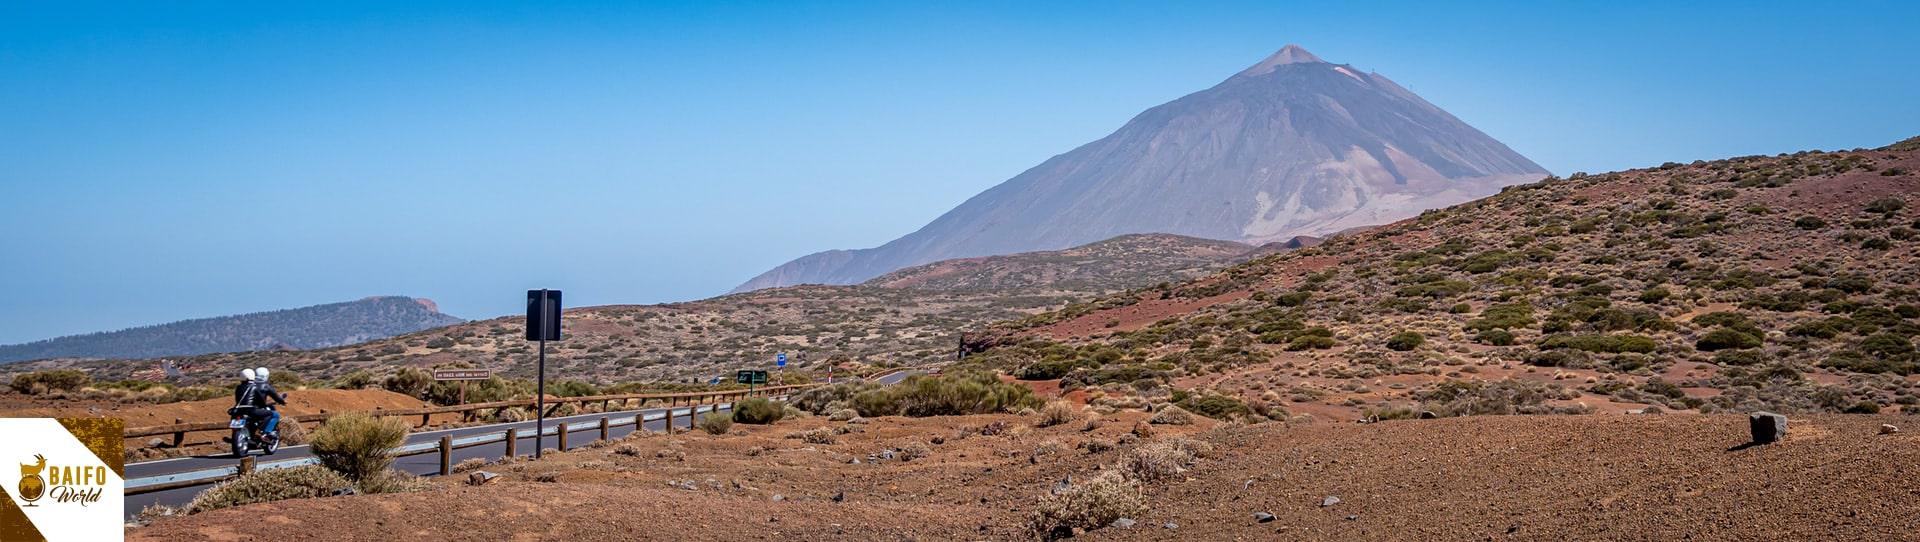 donde dormir en el Teide